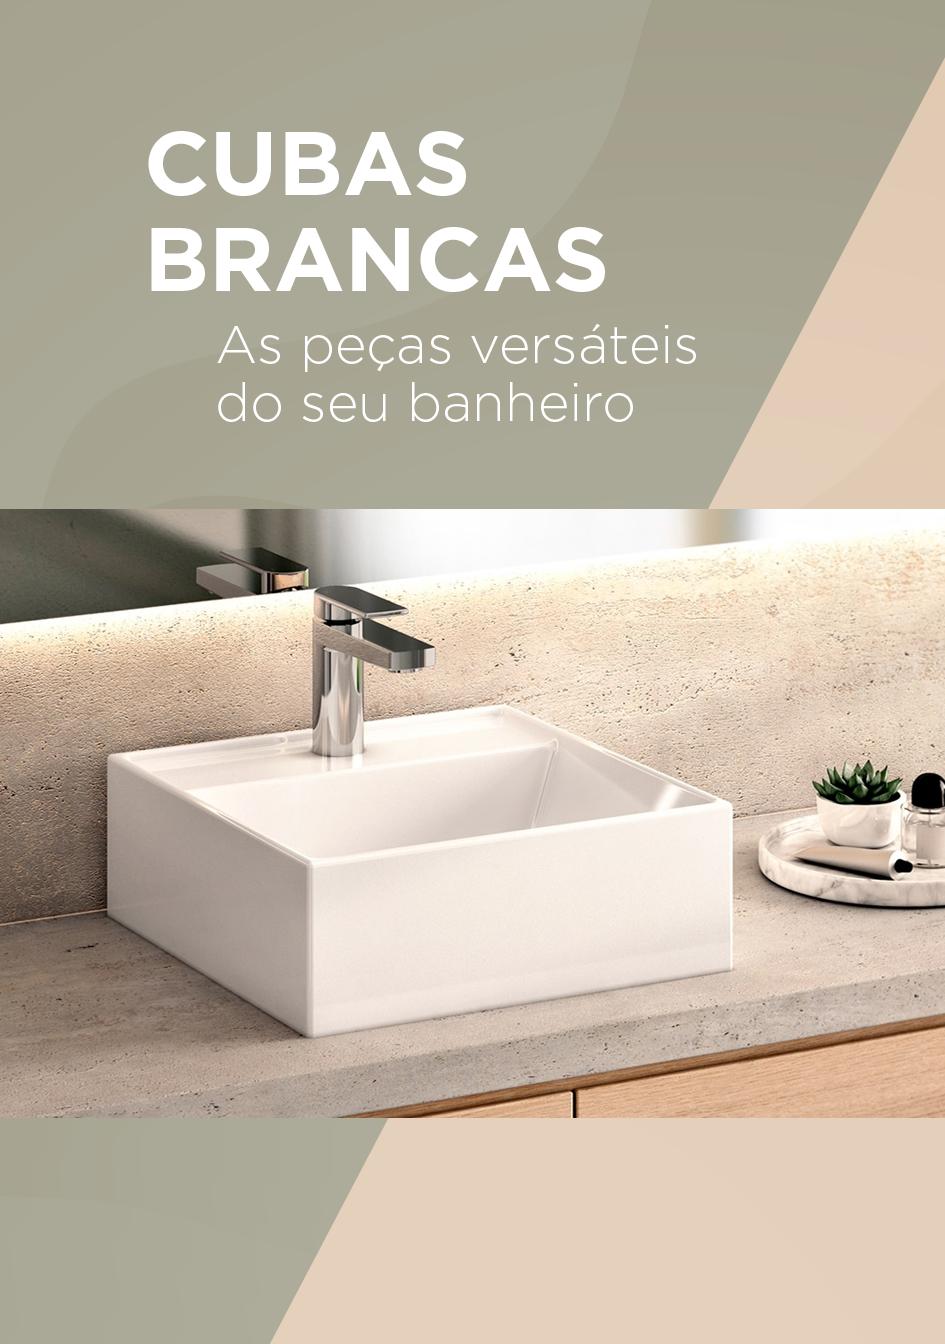 [home] CUBAS BRANCAS